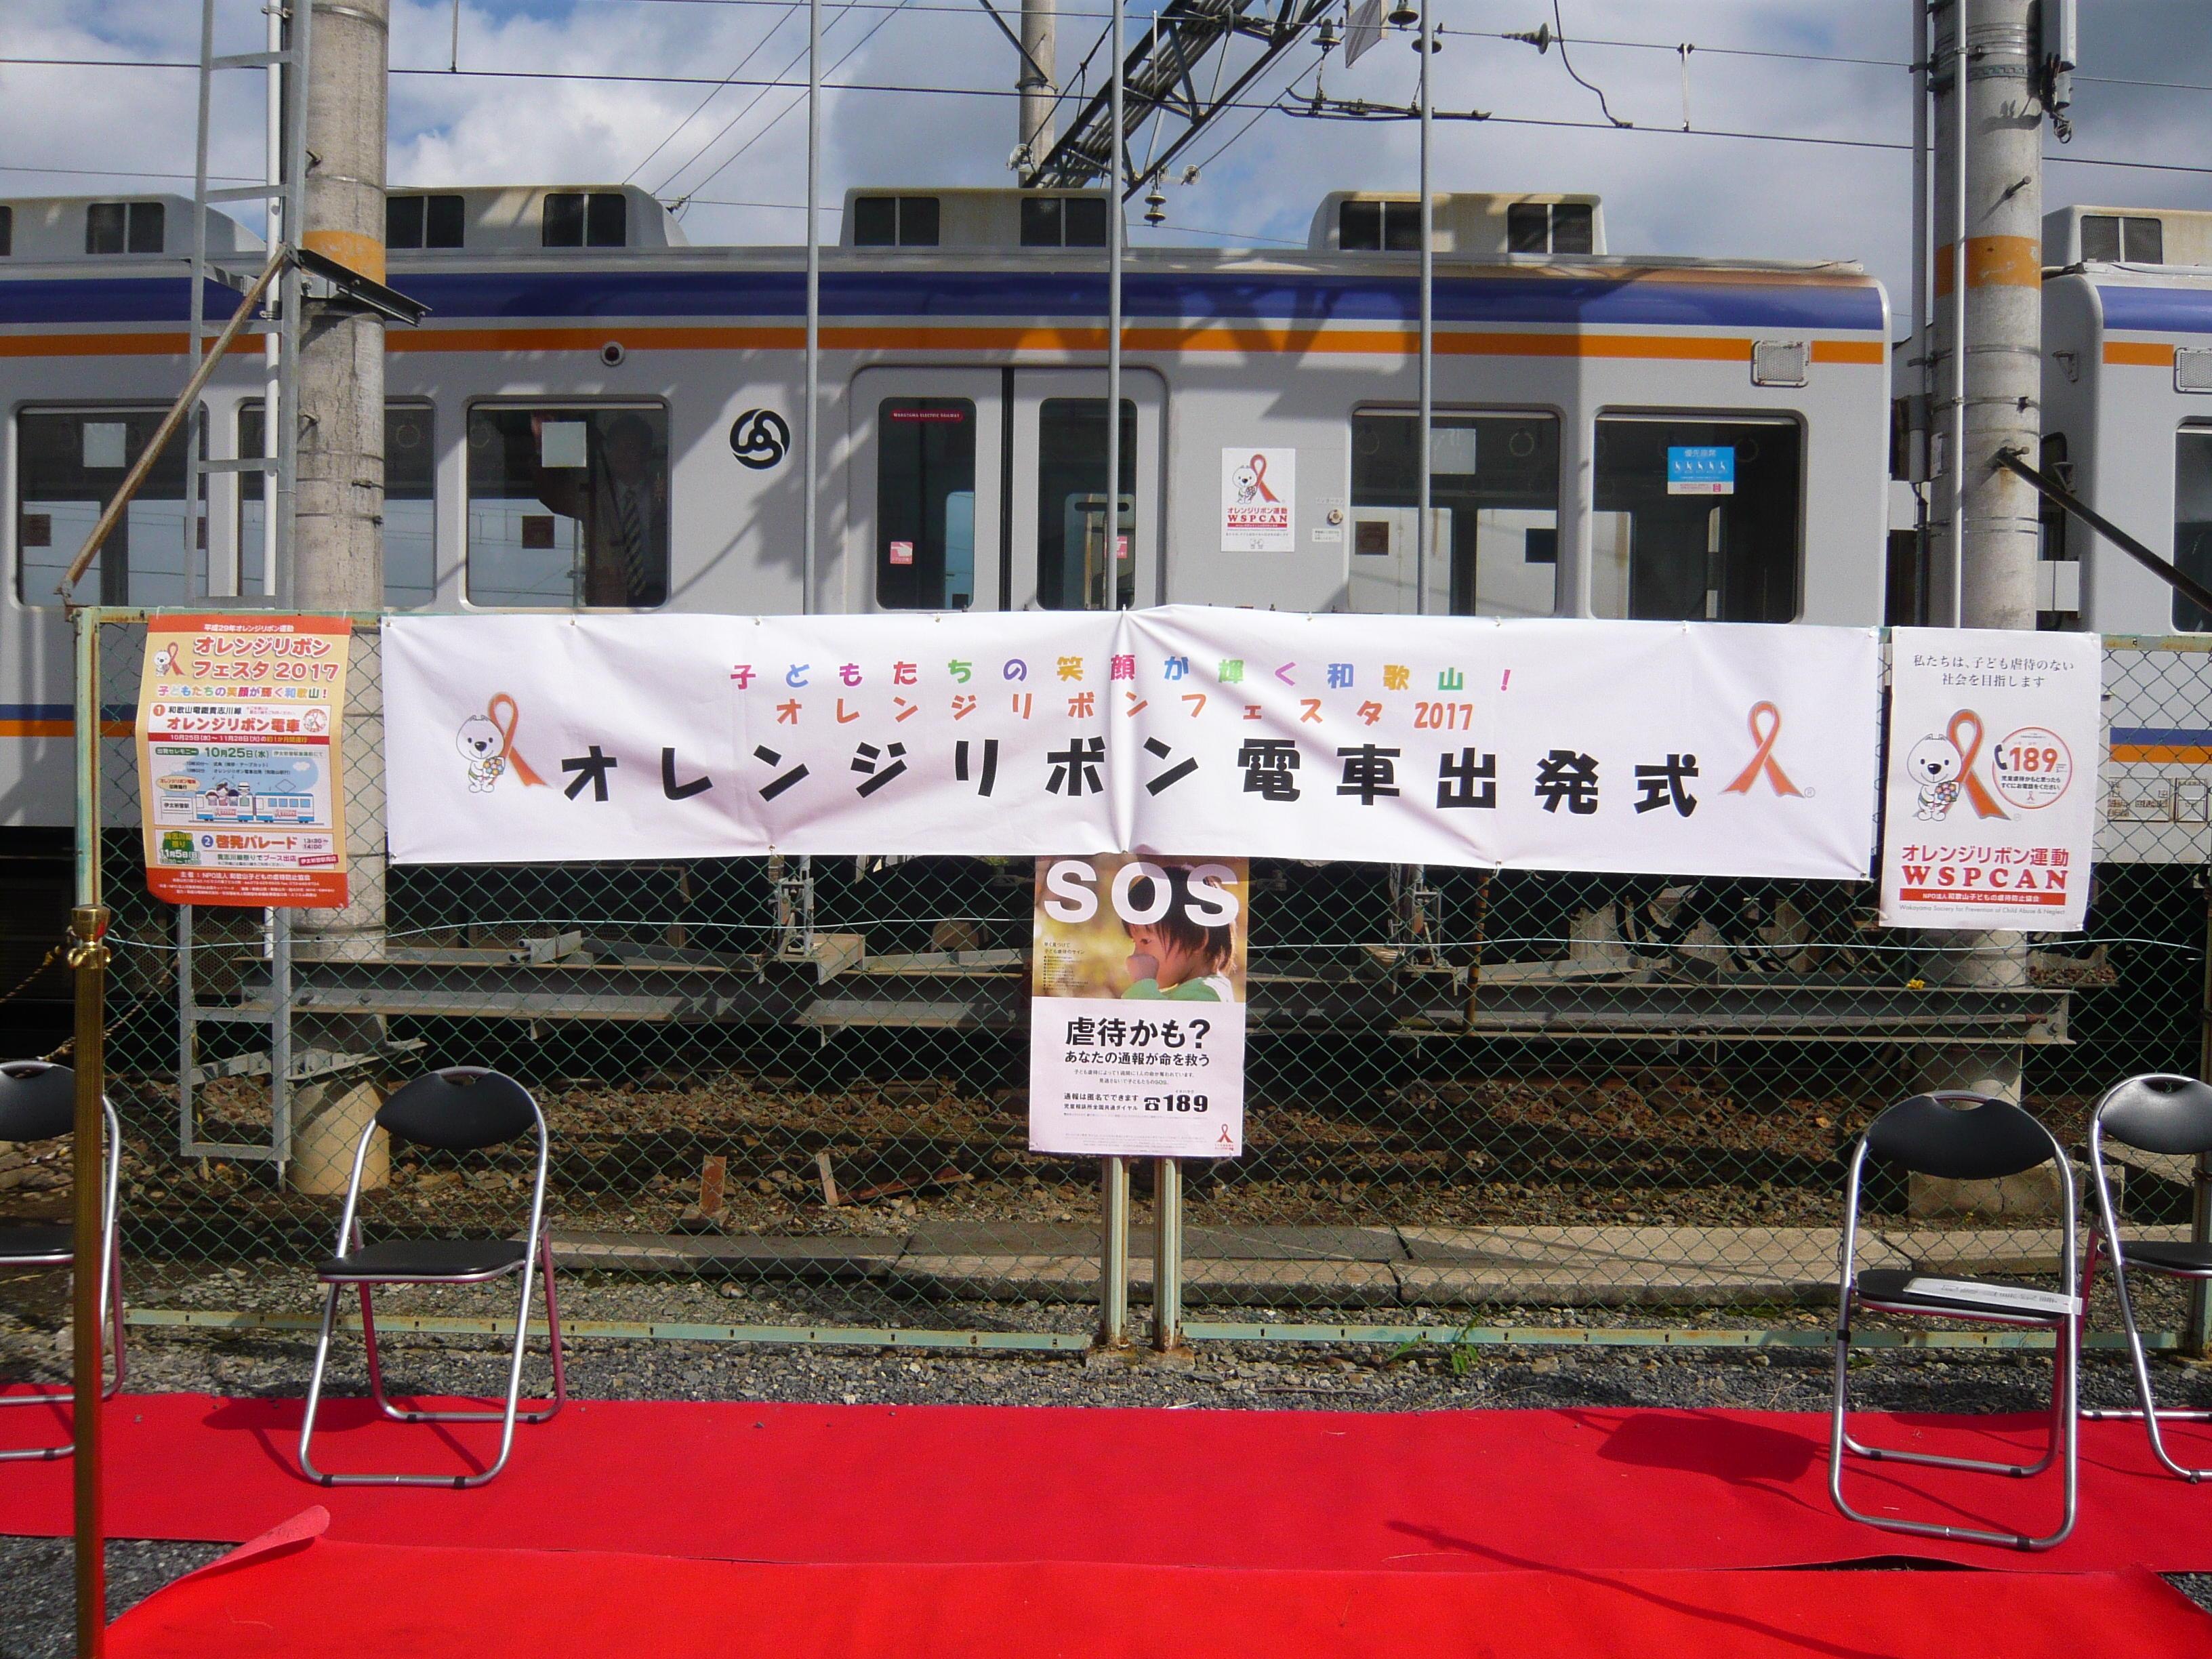 http://www.orangeribbon.jp/info/organization/b71ddbd2c7a4830ce162f109a36f97eda251d6b2.JPG